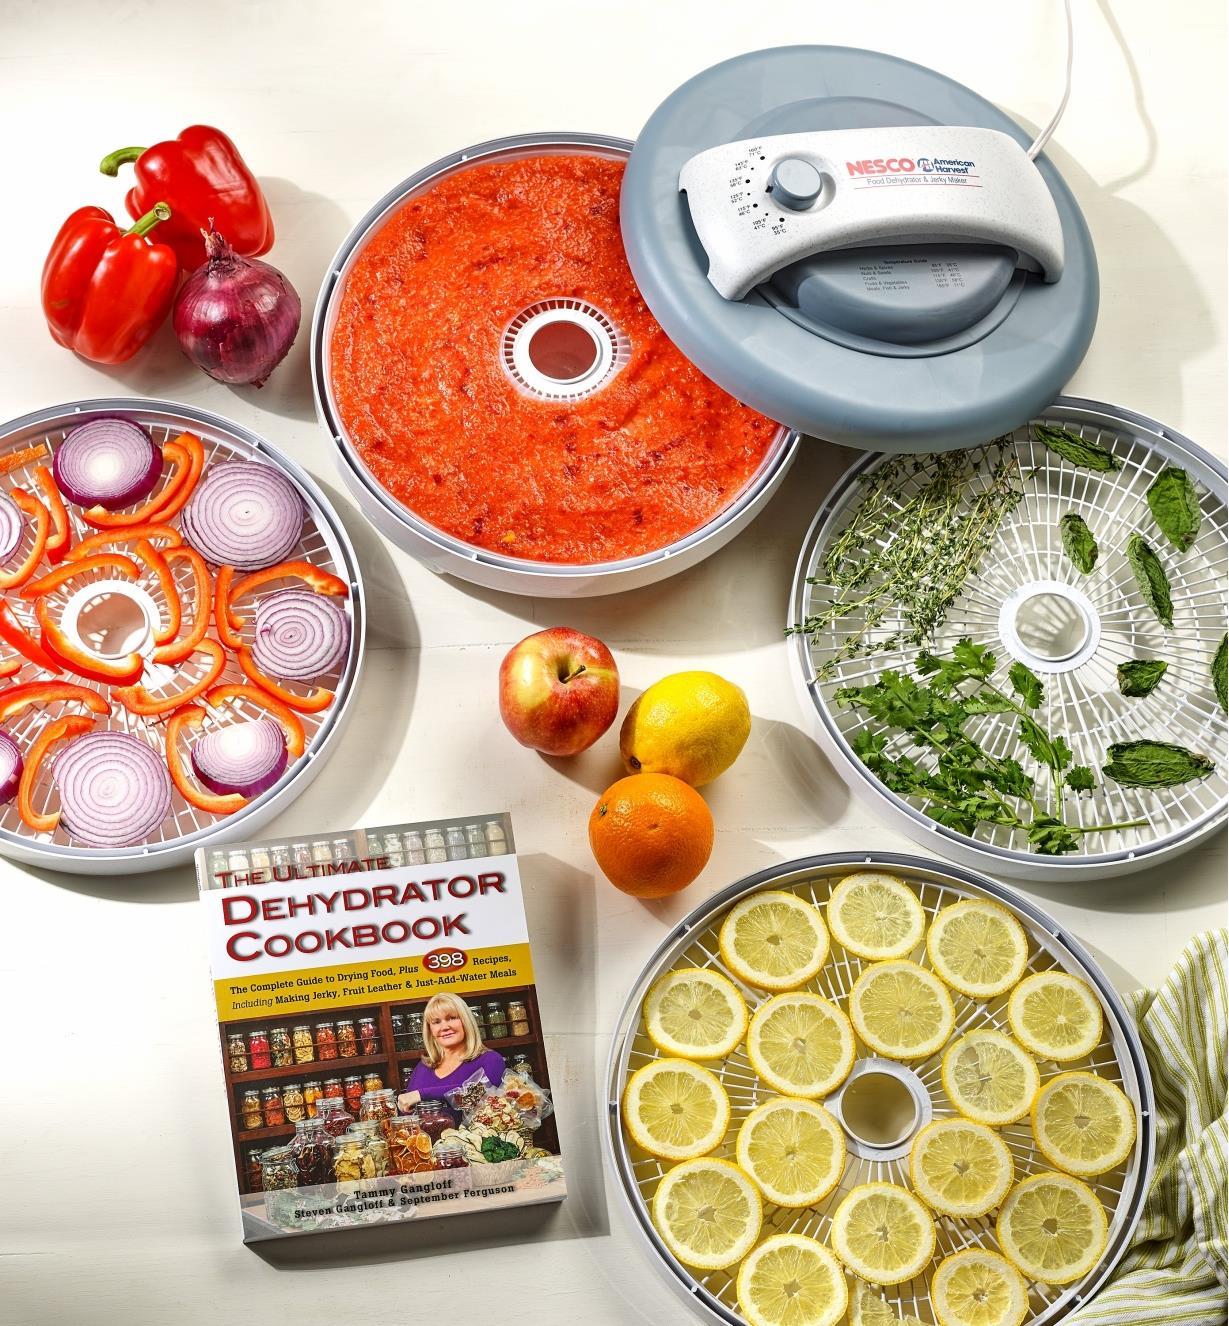 Le livre The Ultimate Dehydrator Cookbook posé près du déshydrateur alimentaire et de ses plateaux remplis d'aliments